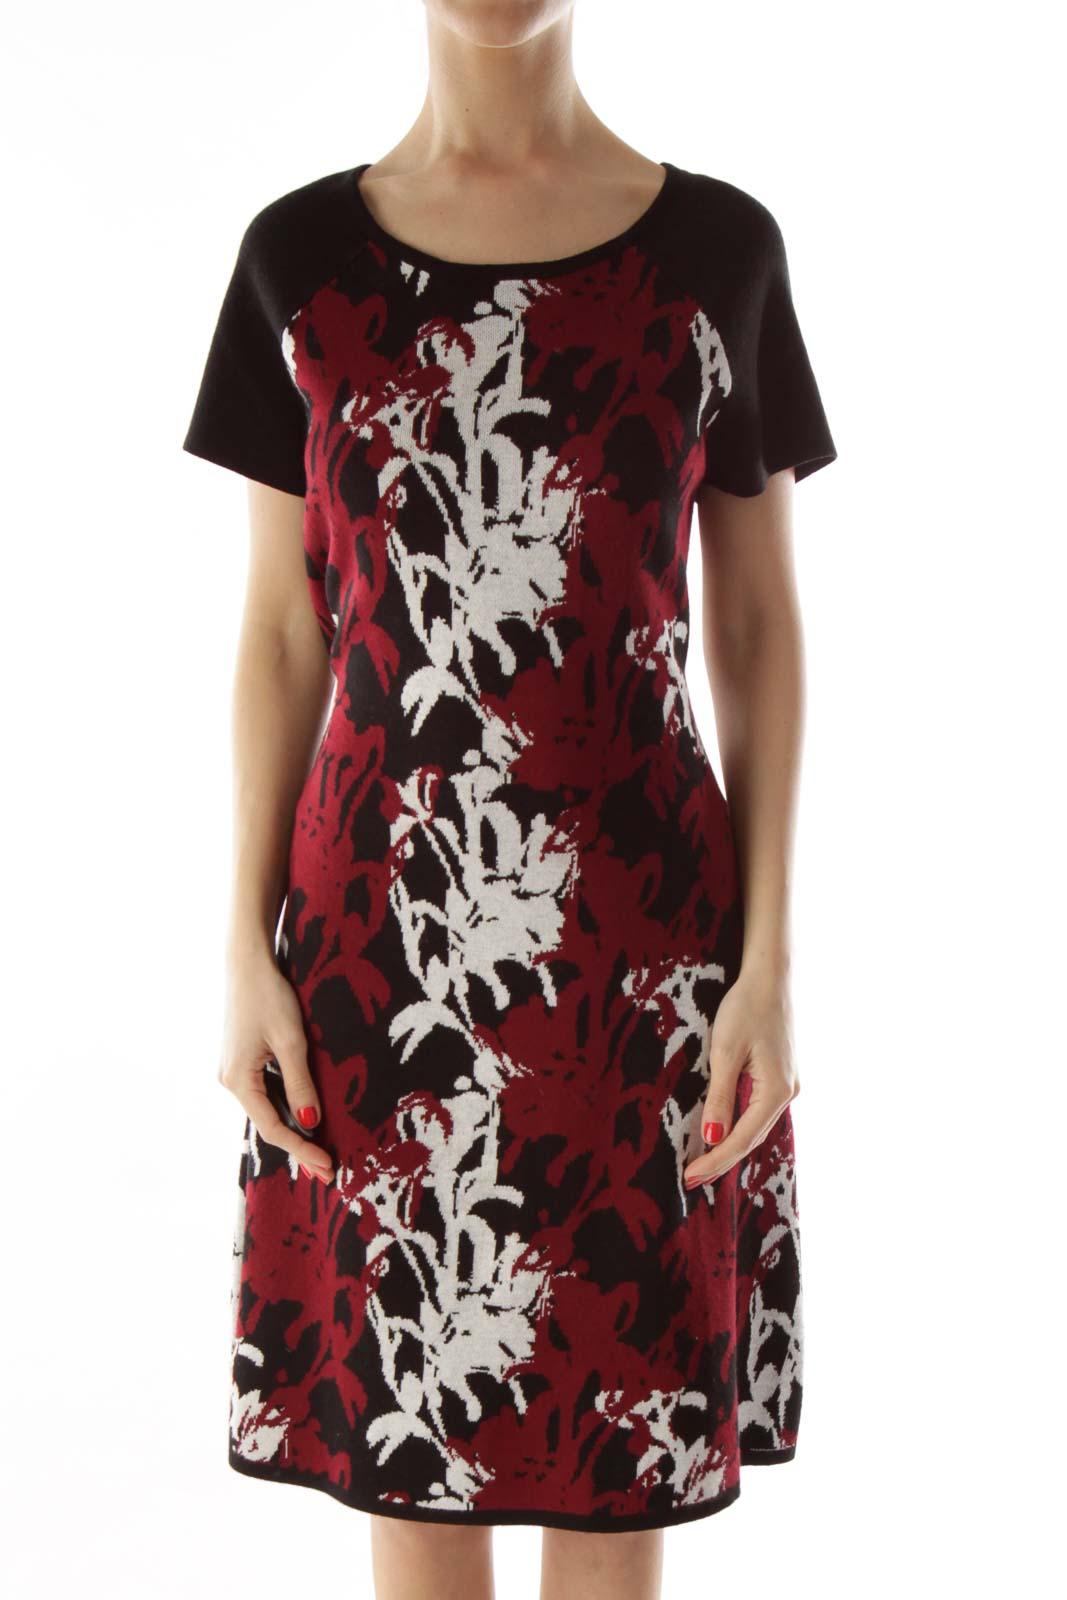 Black & Red Floral Knit Dress